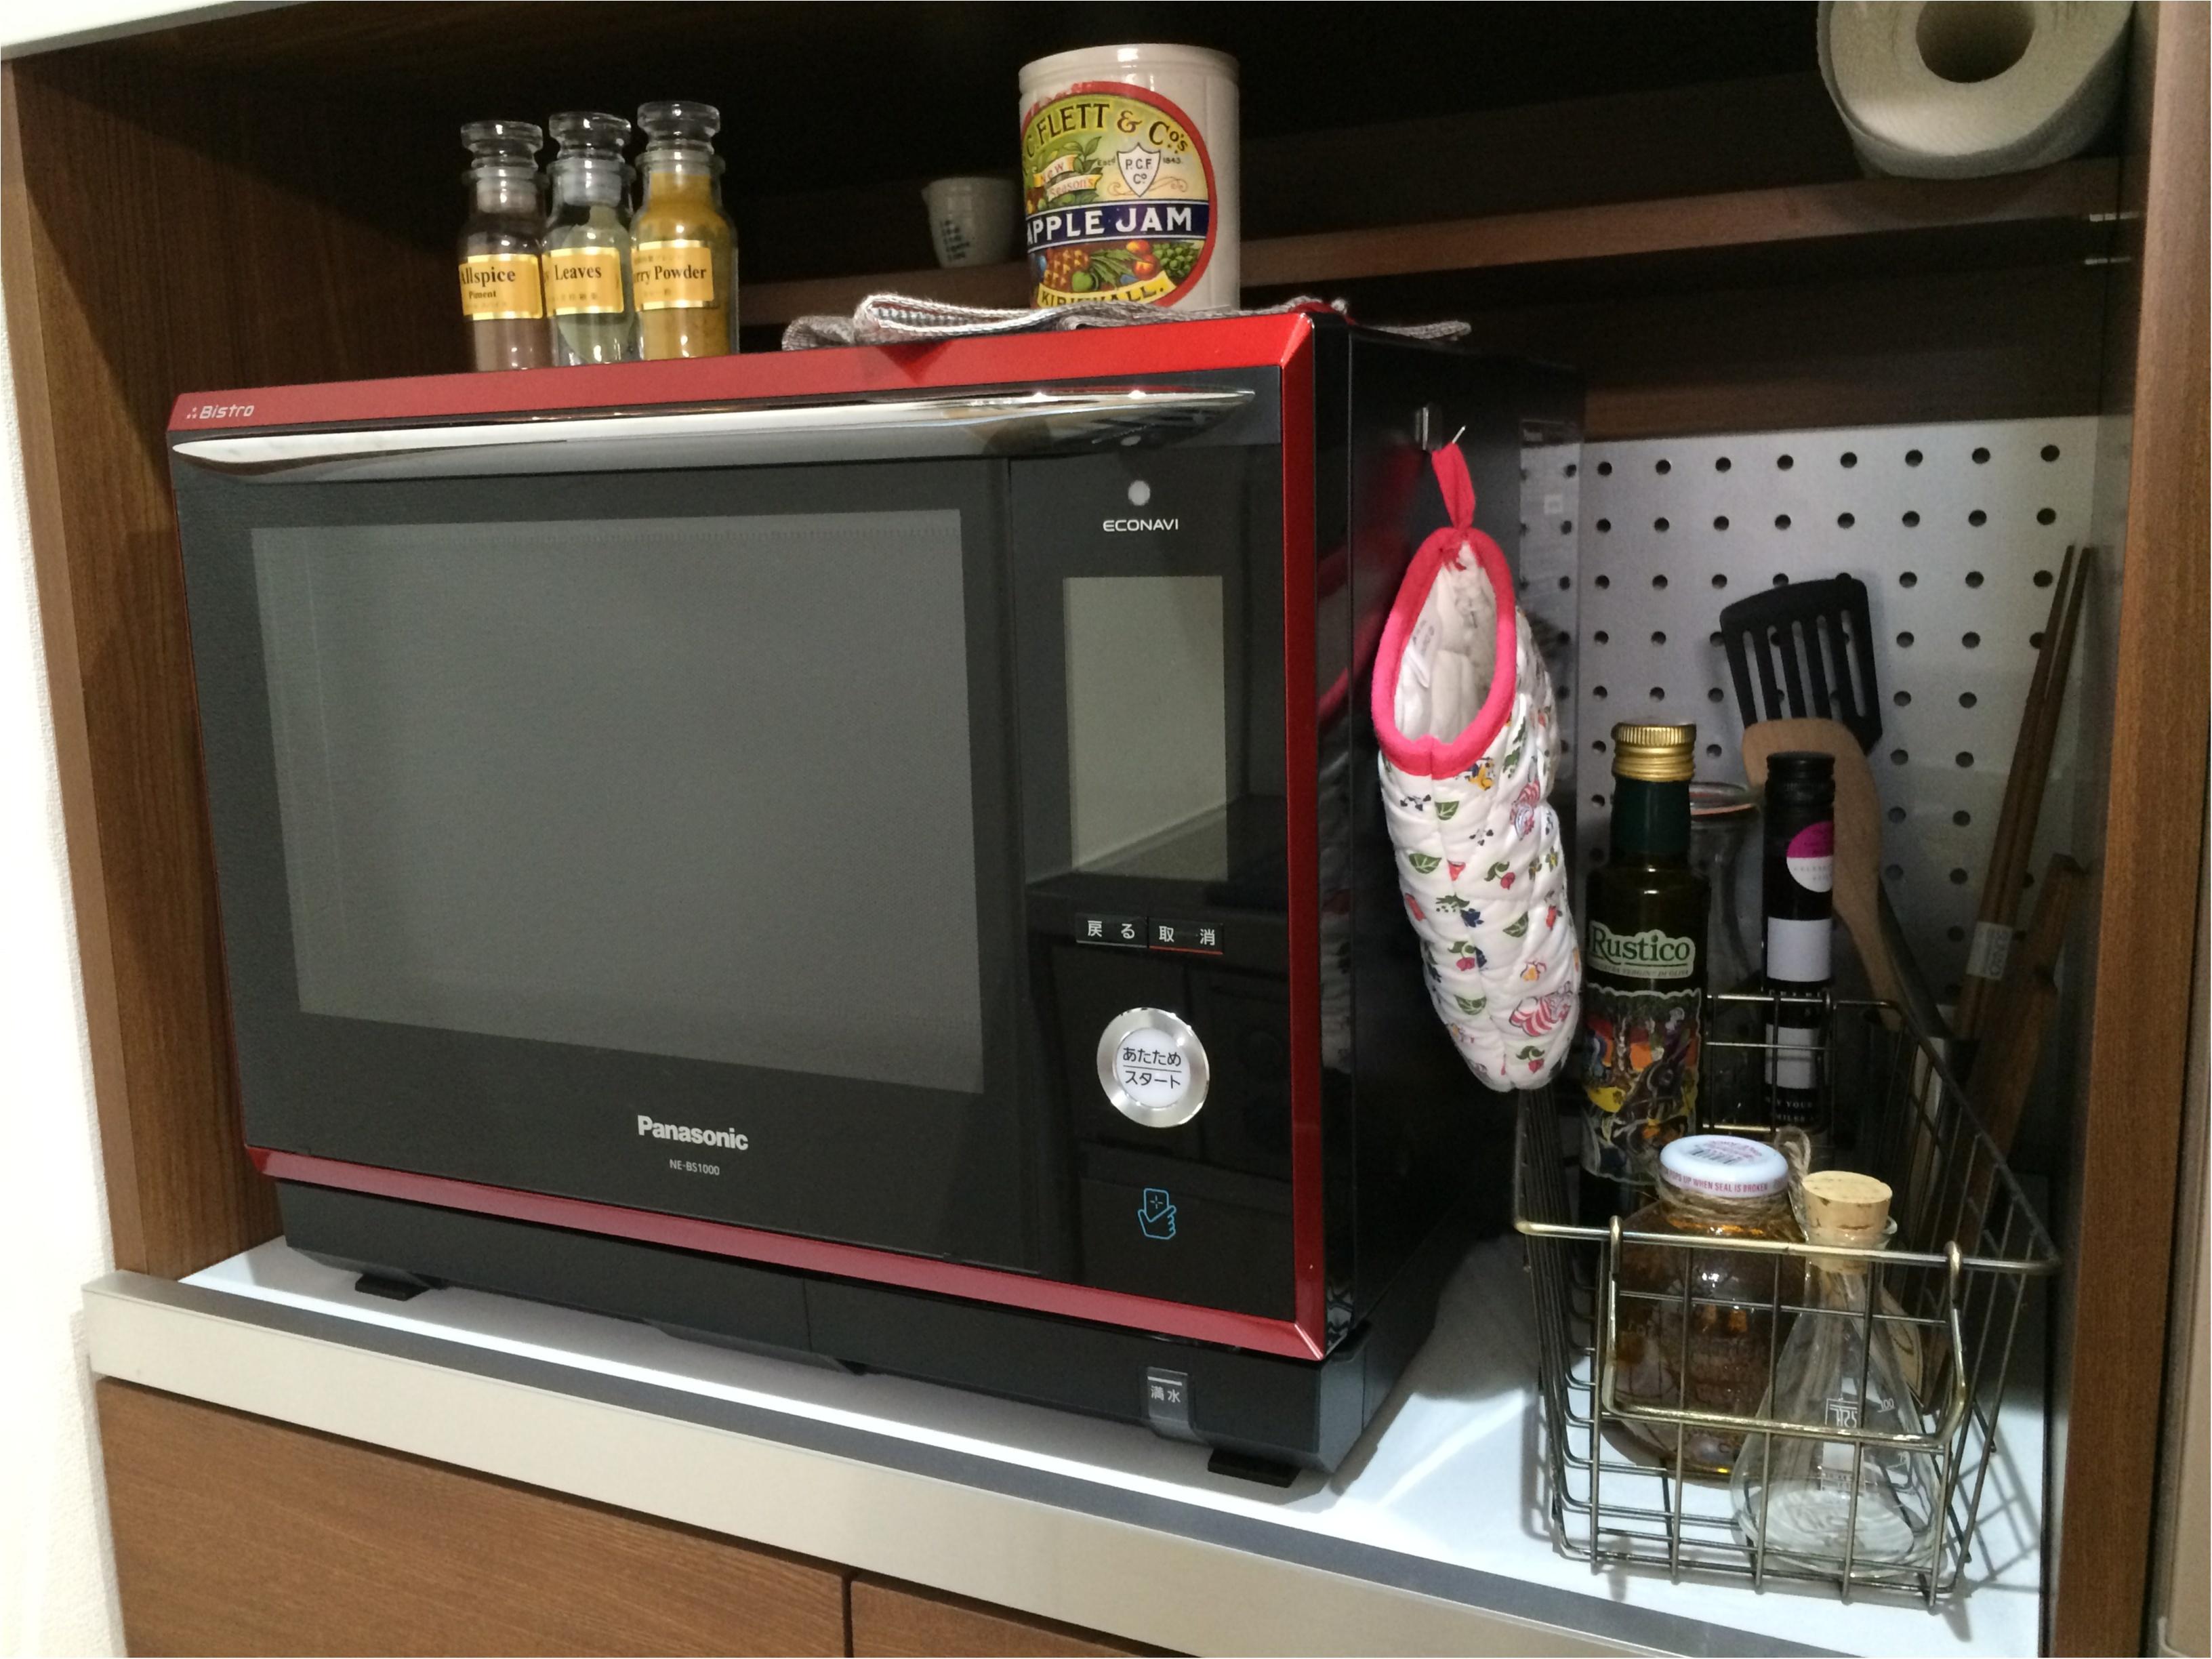 【秋Sweets♡】BAKE発『RINGO』アップルパイ専門店!焼きたてが大阪進出!美味しい食べ方も伝授♡_5